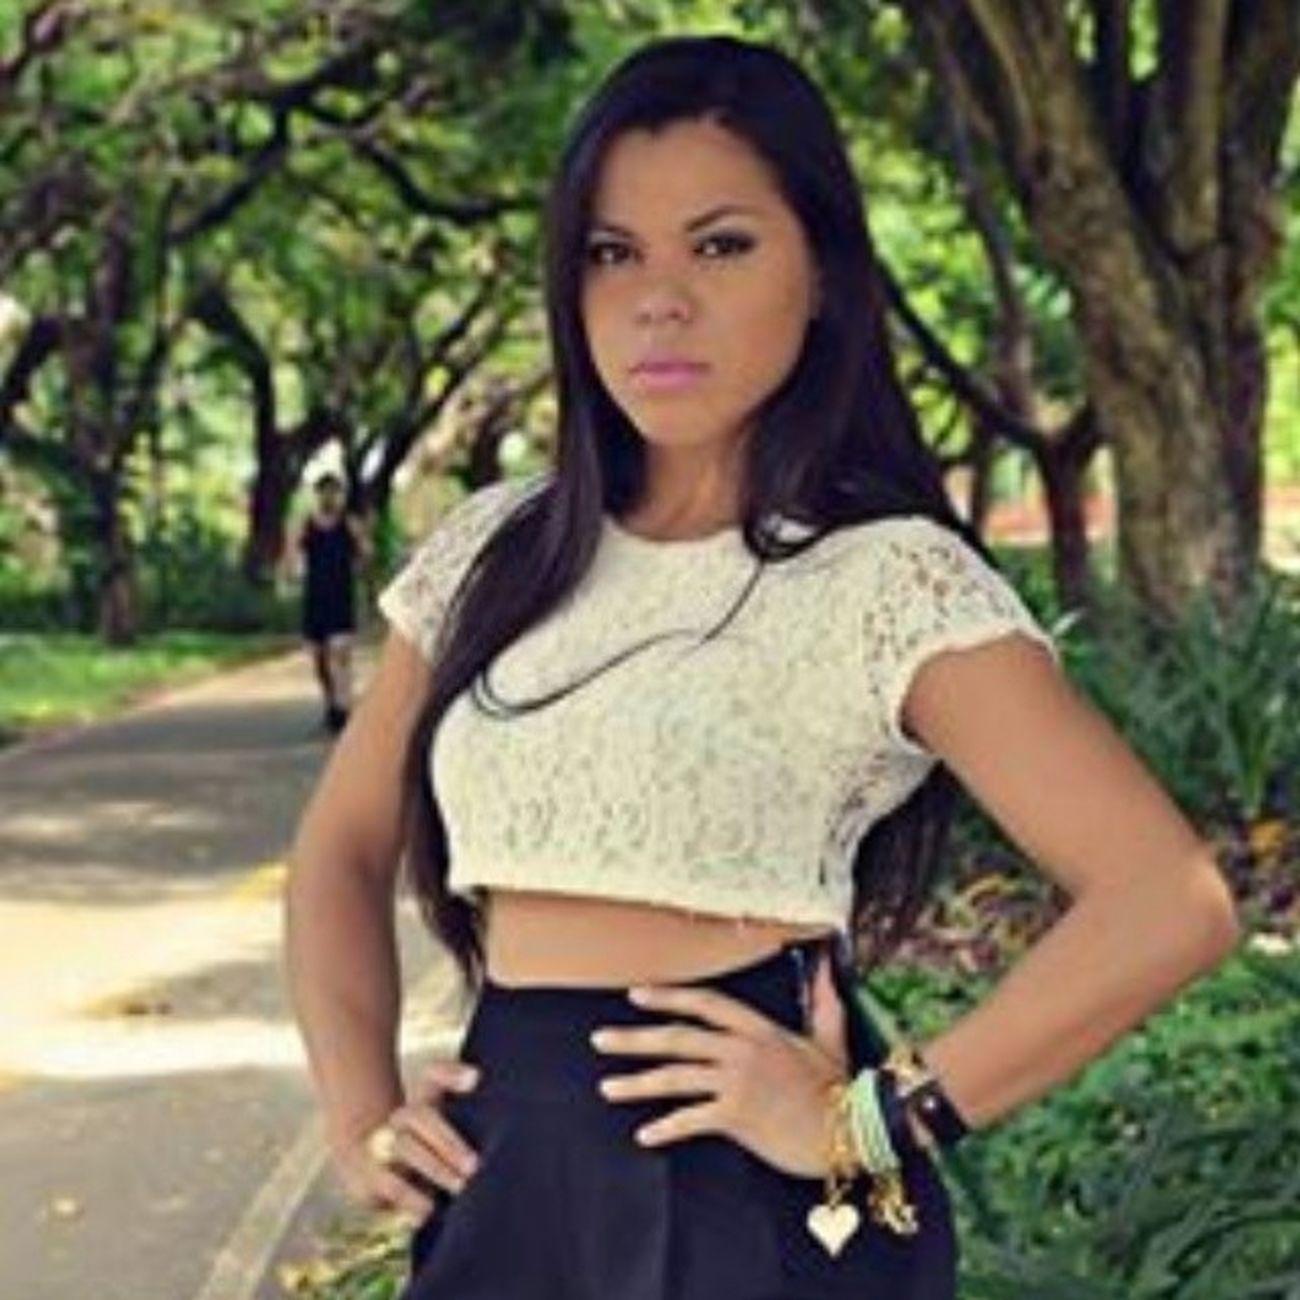 Ela é top,linda,e também usa saelbiju. Muito Obg @lany_percadsi por usar nossos acessórios. Mix Pulseiras Saelbiju